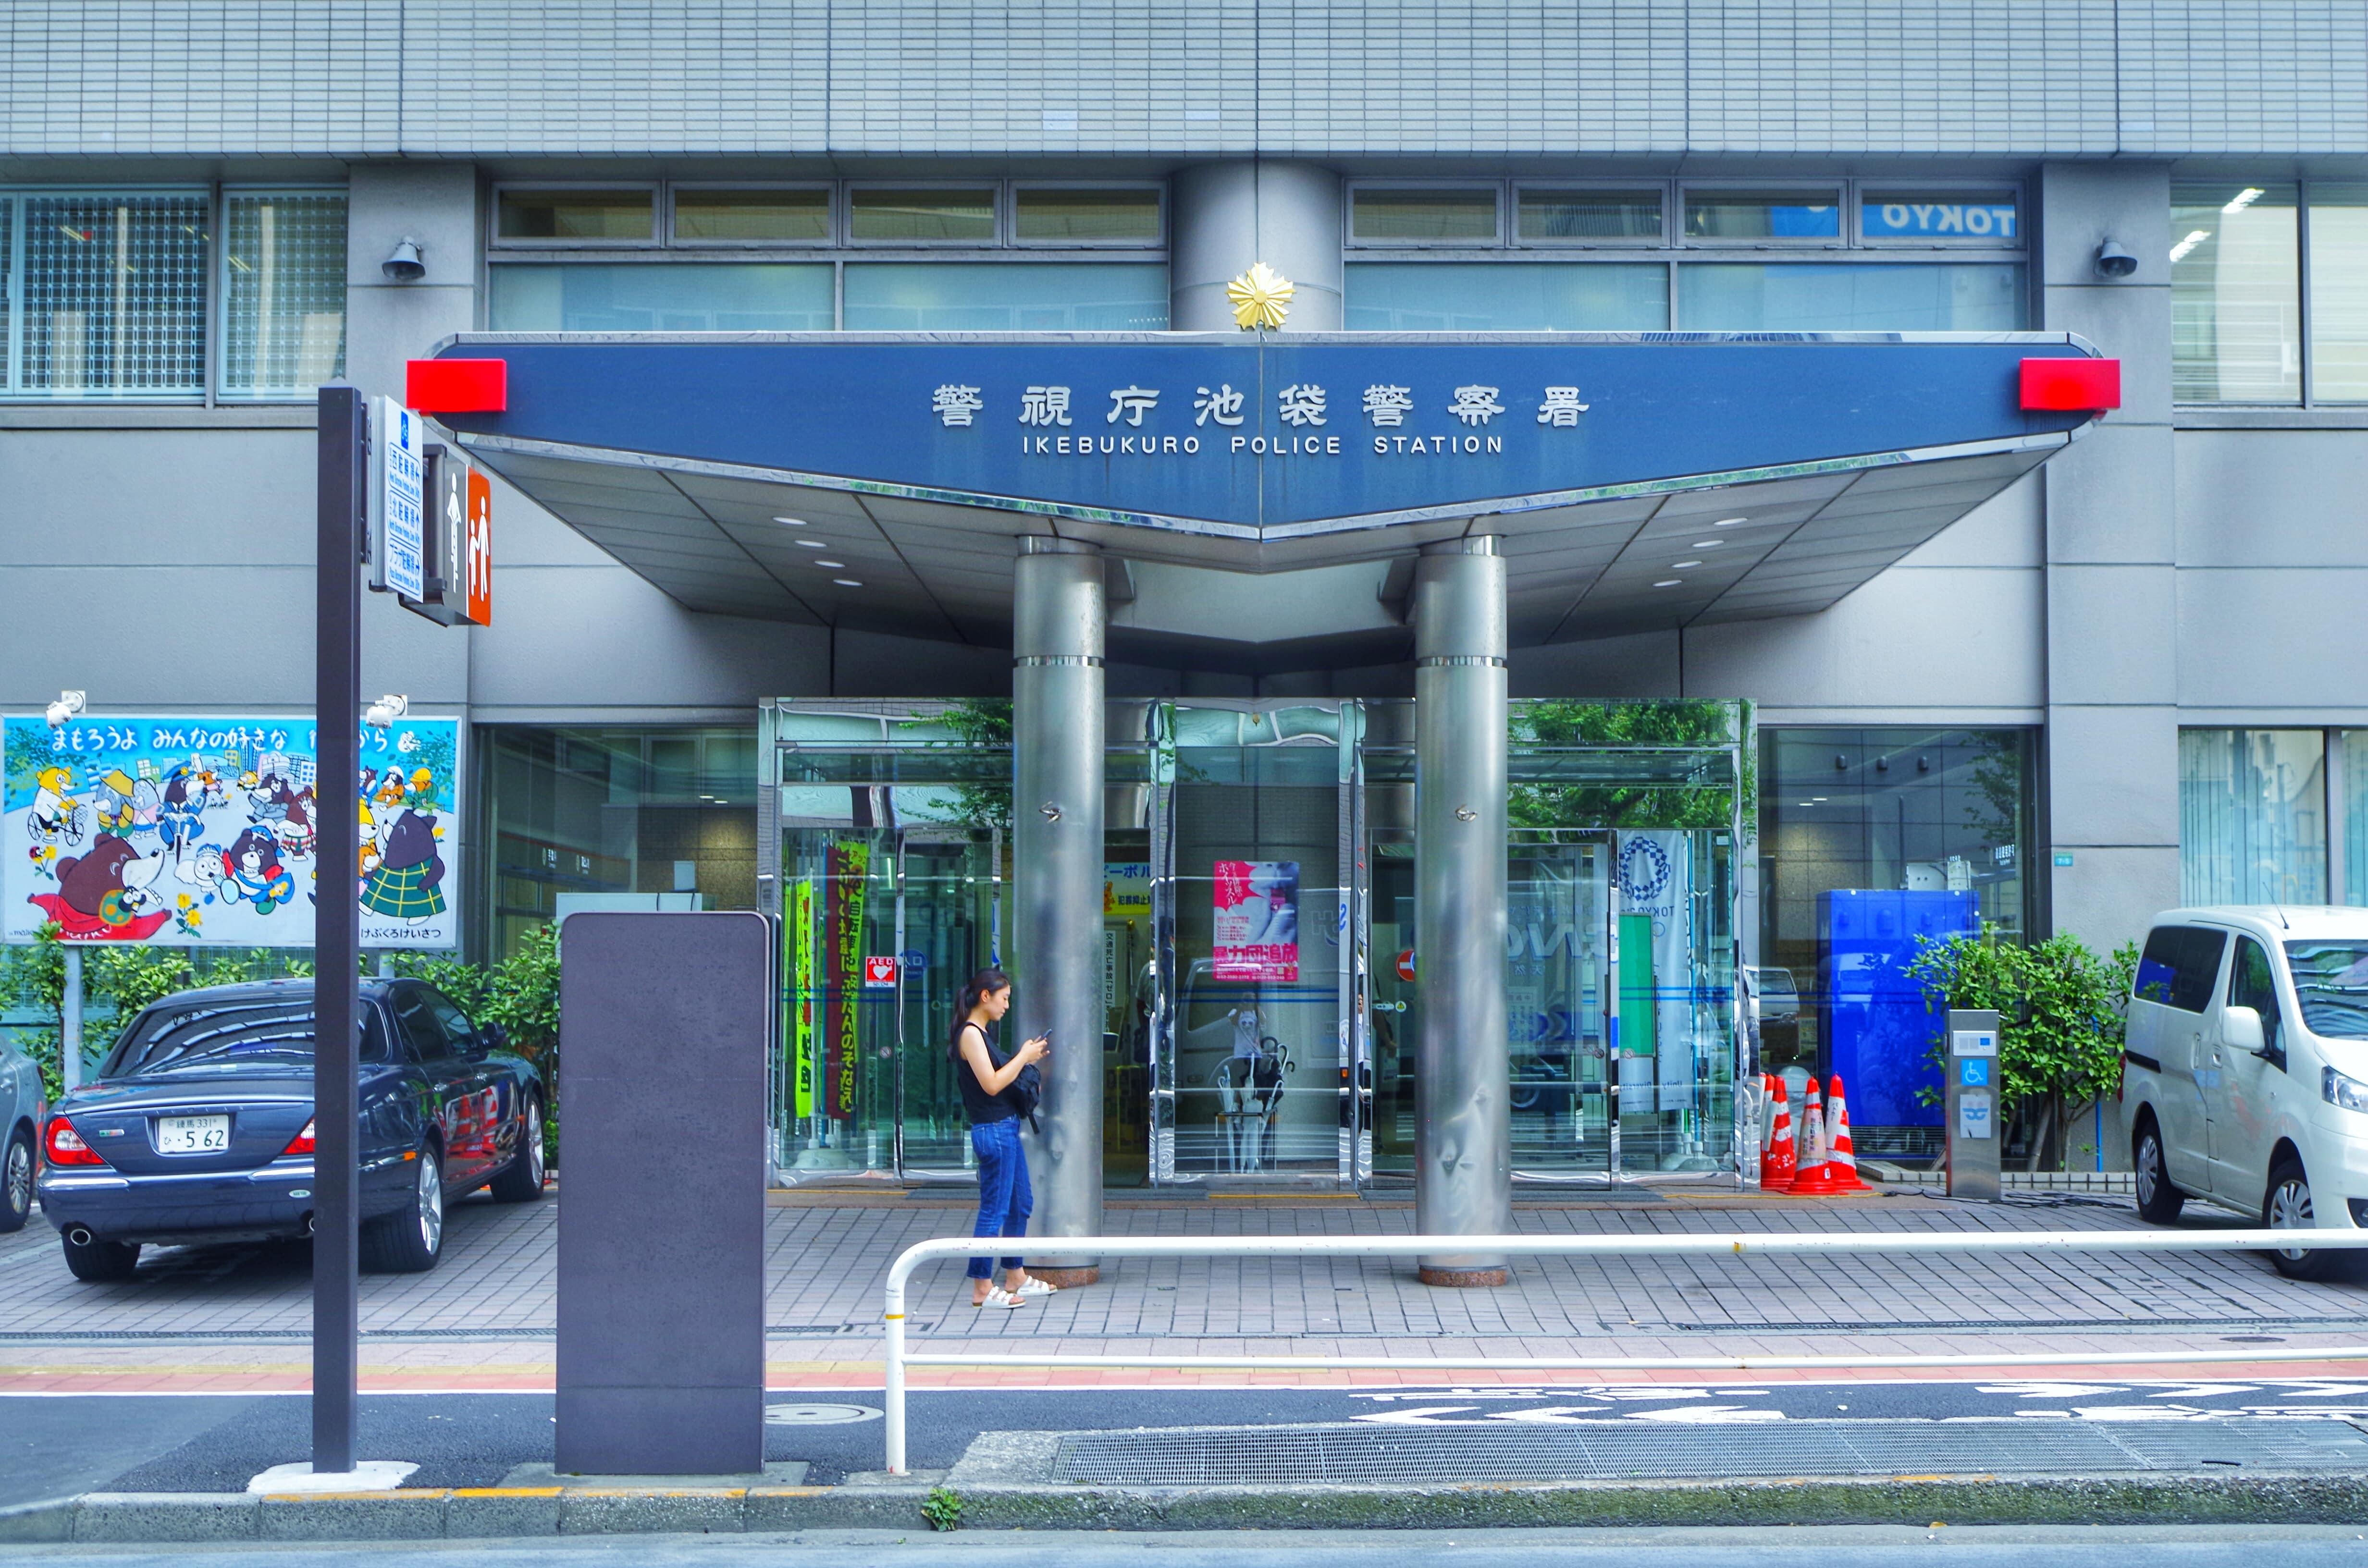 Ikebukuro Police Station(池袋警察署)